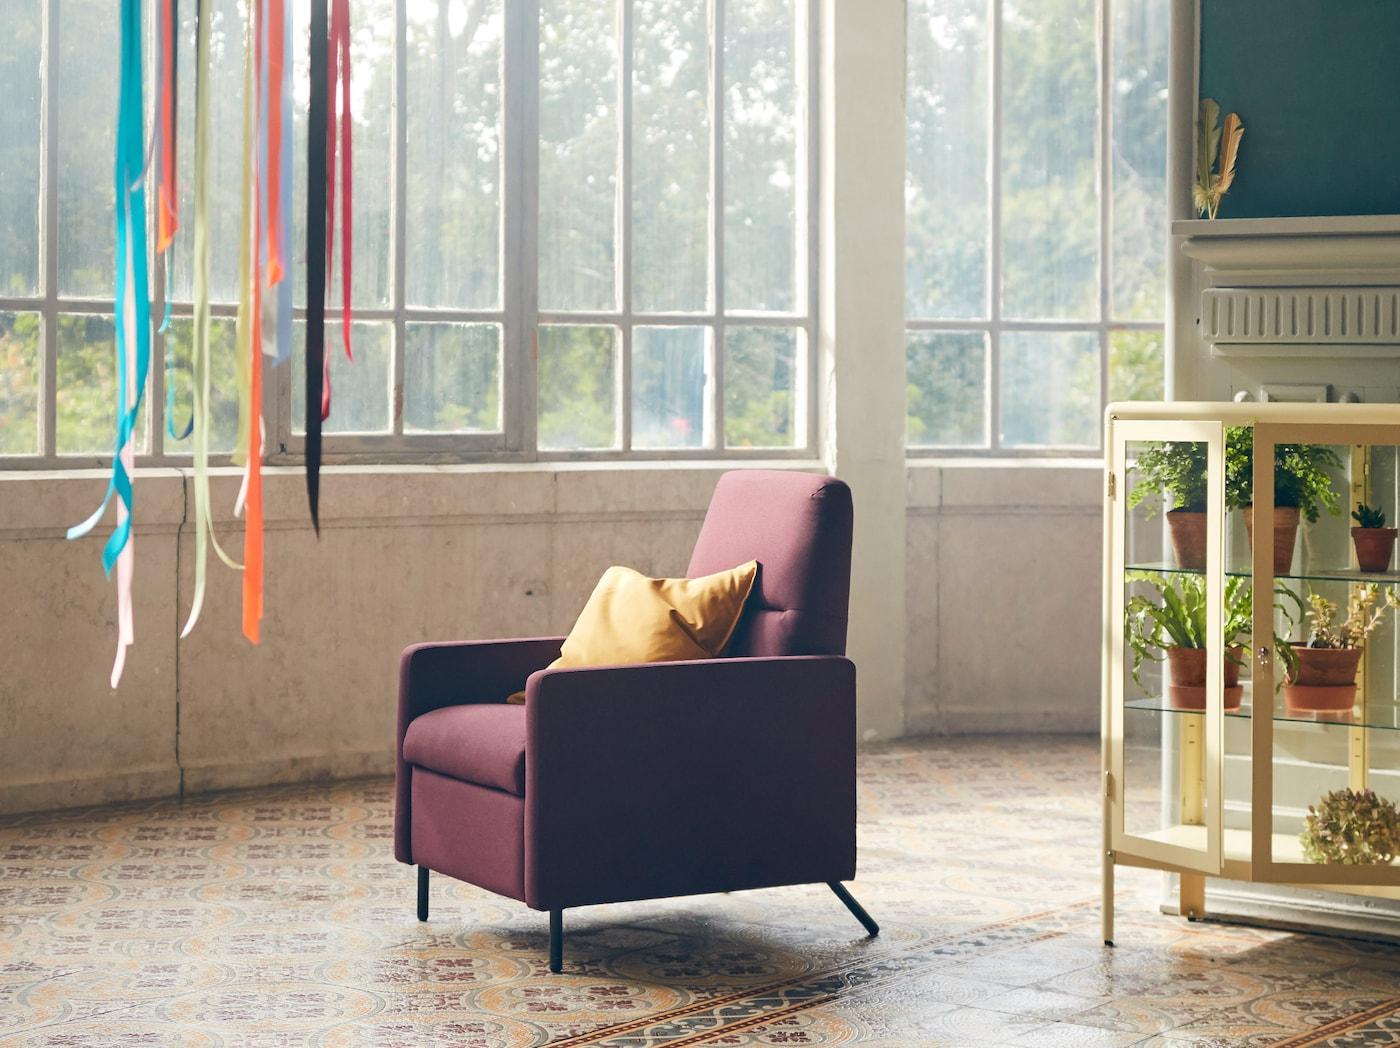 Sillón reclinable GISTAD en rojo oscuro con un cojín amarillo sobre el asiento en una habitación con grandes ventanas.